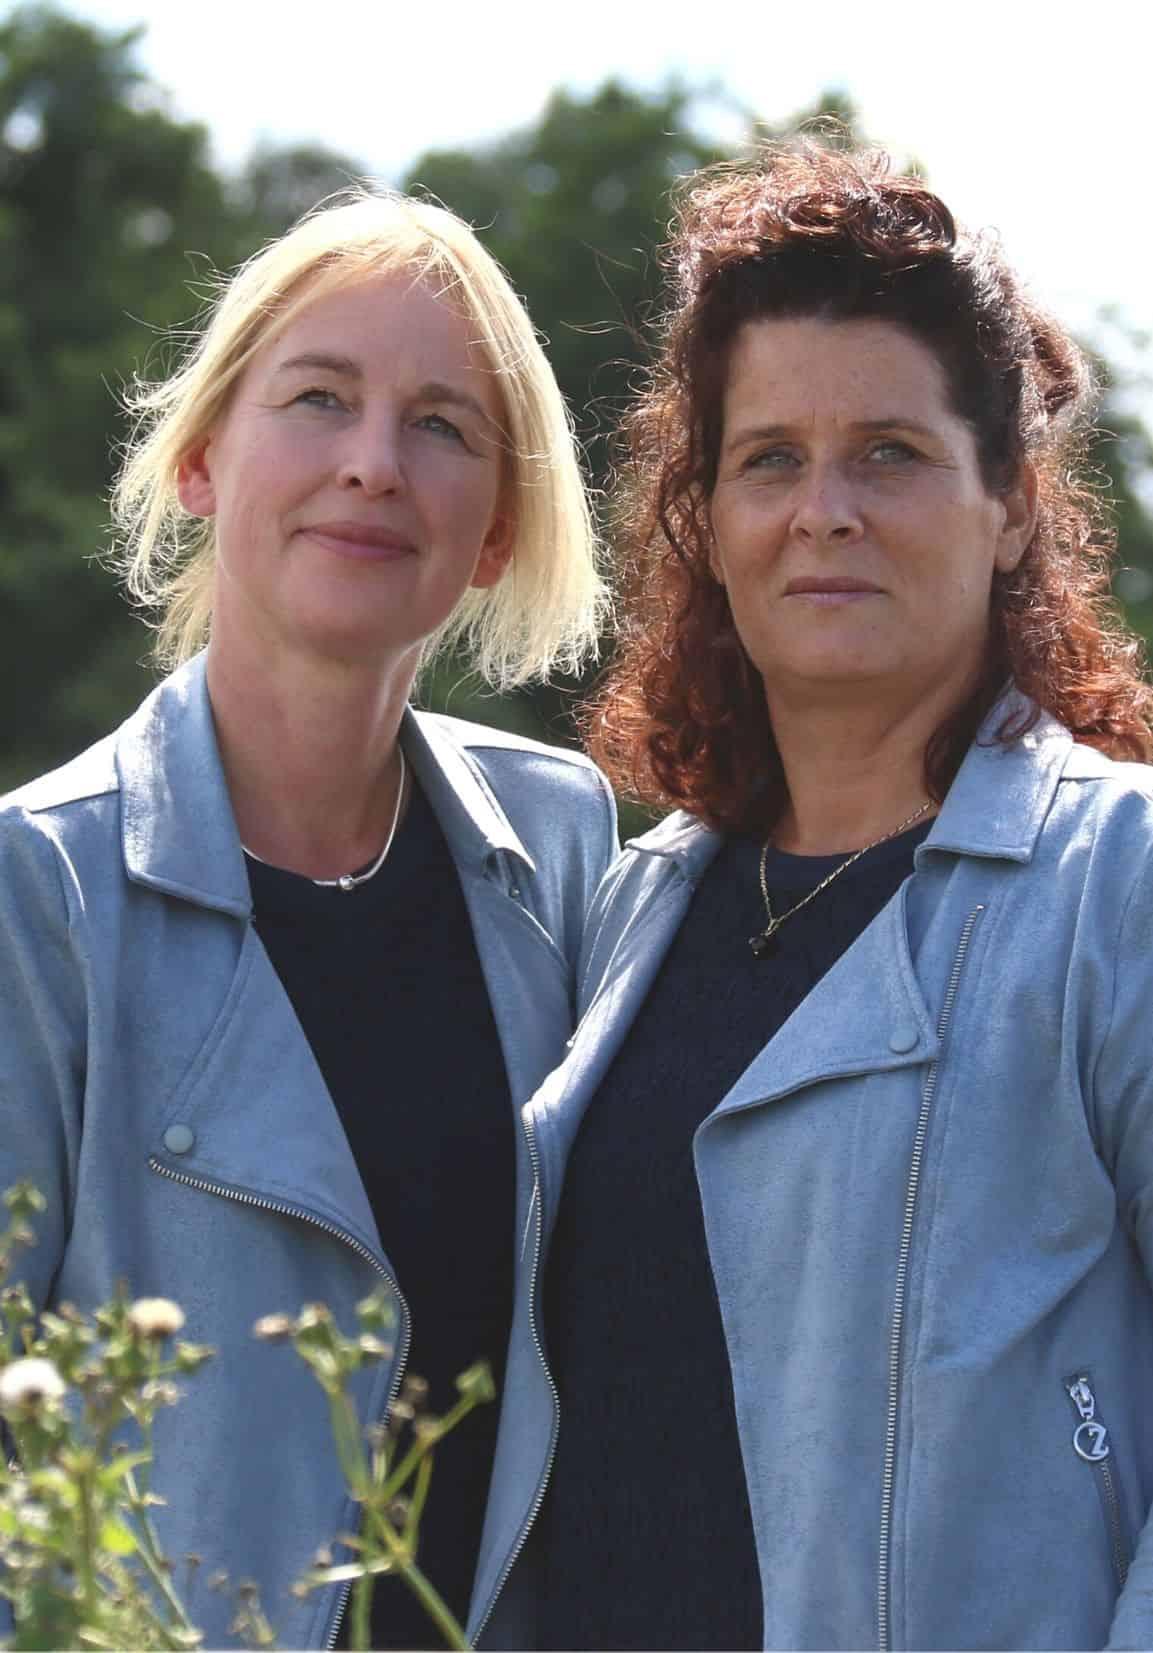 Alien Bisschop en Jacqueline Wissing Uitvaartbegeleiding